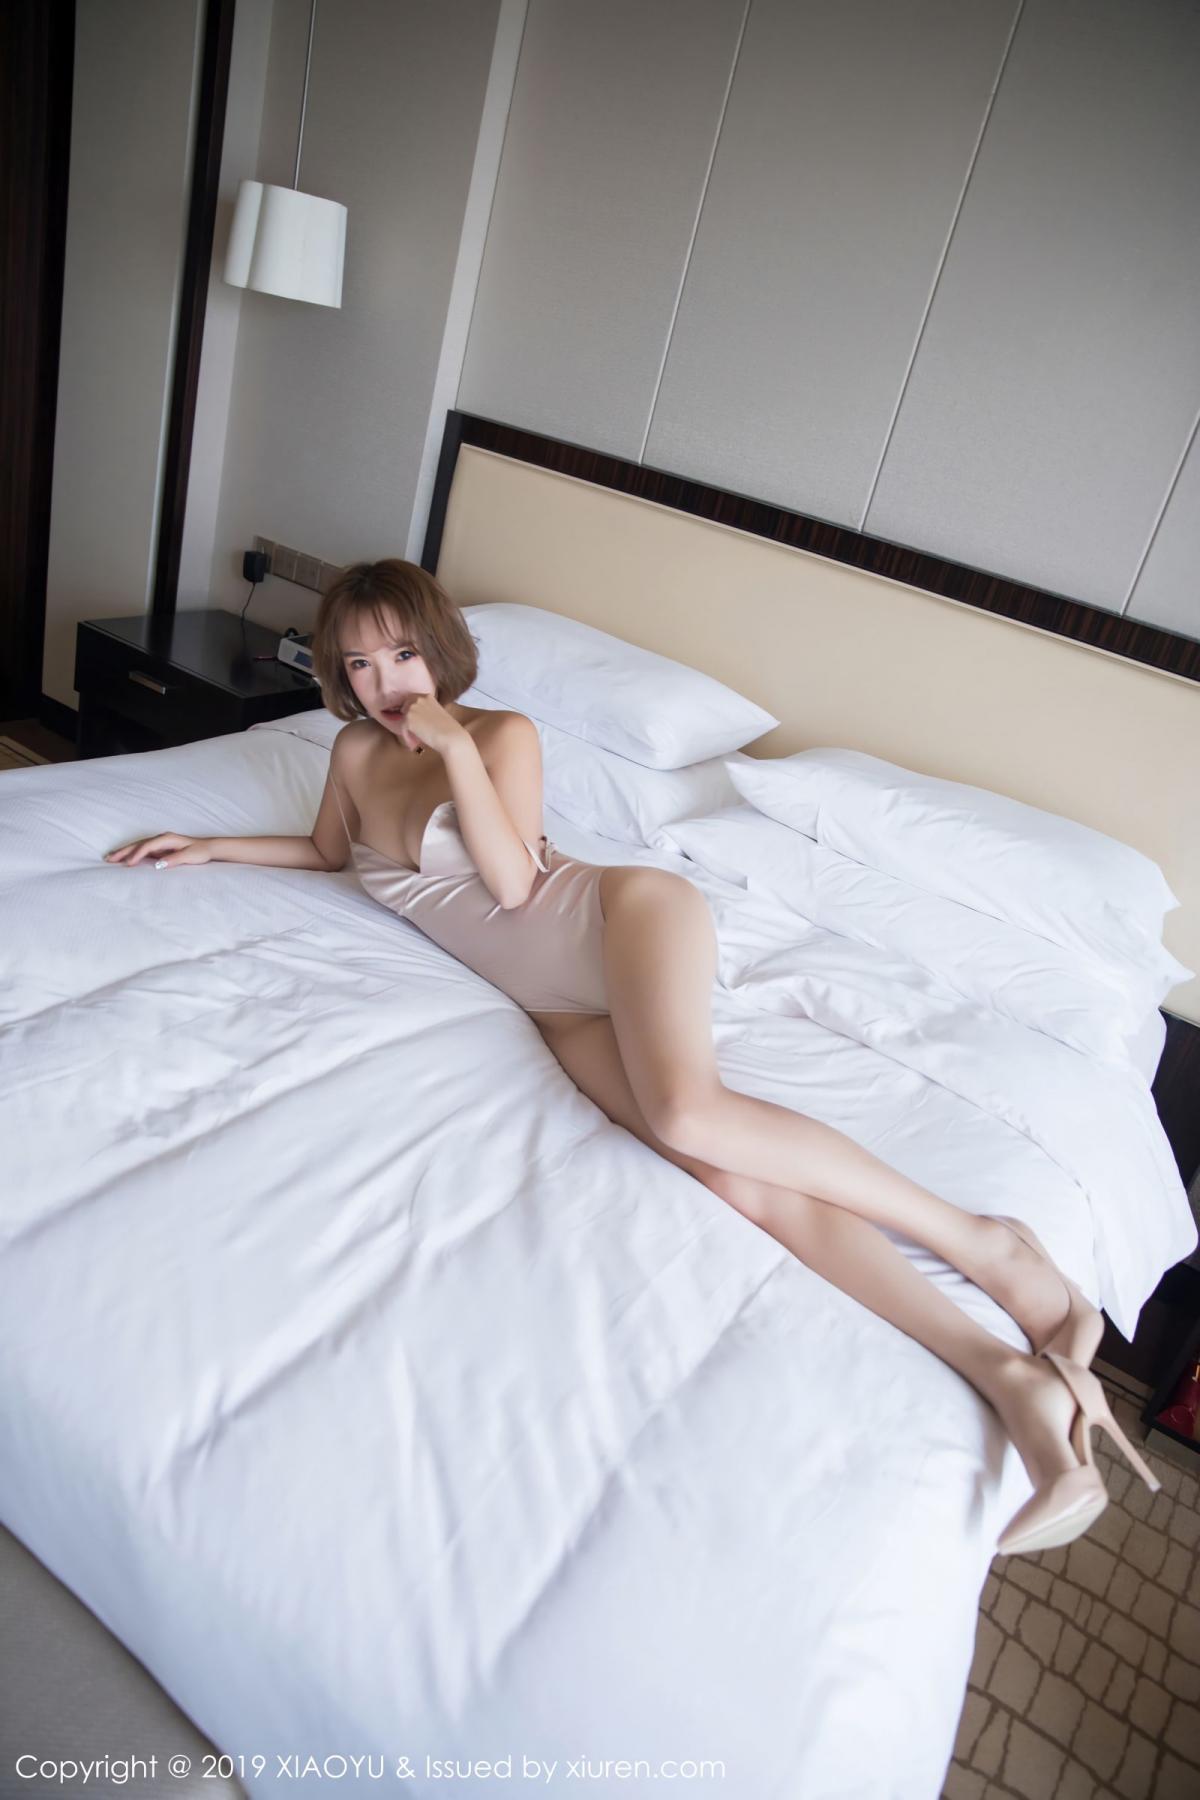 [XiaoYu] Vol.015 Chen Ya Wen 39P, Chen Ya Wen, Sexy, XiaoYu